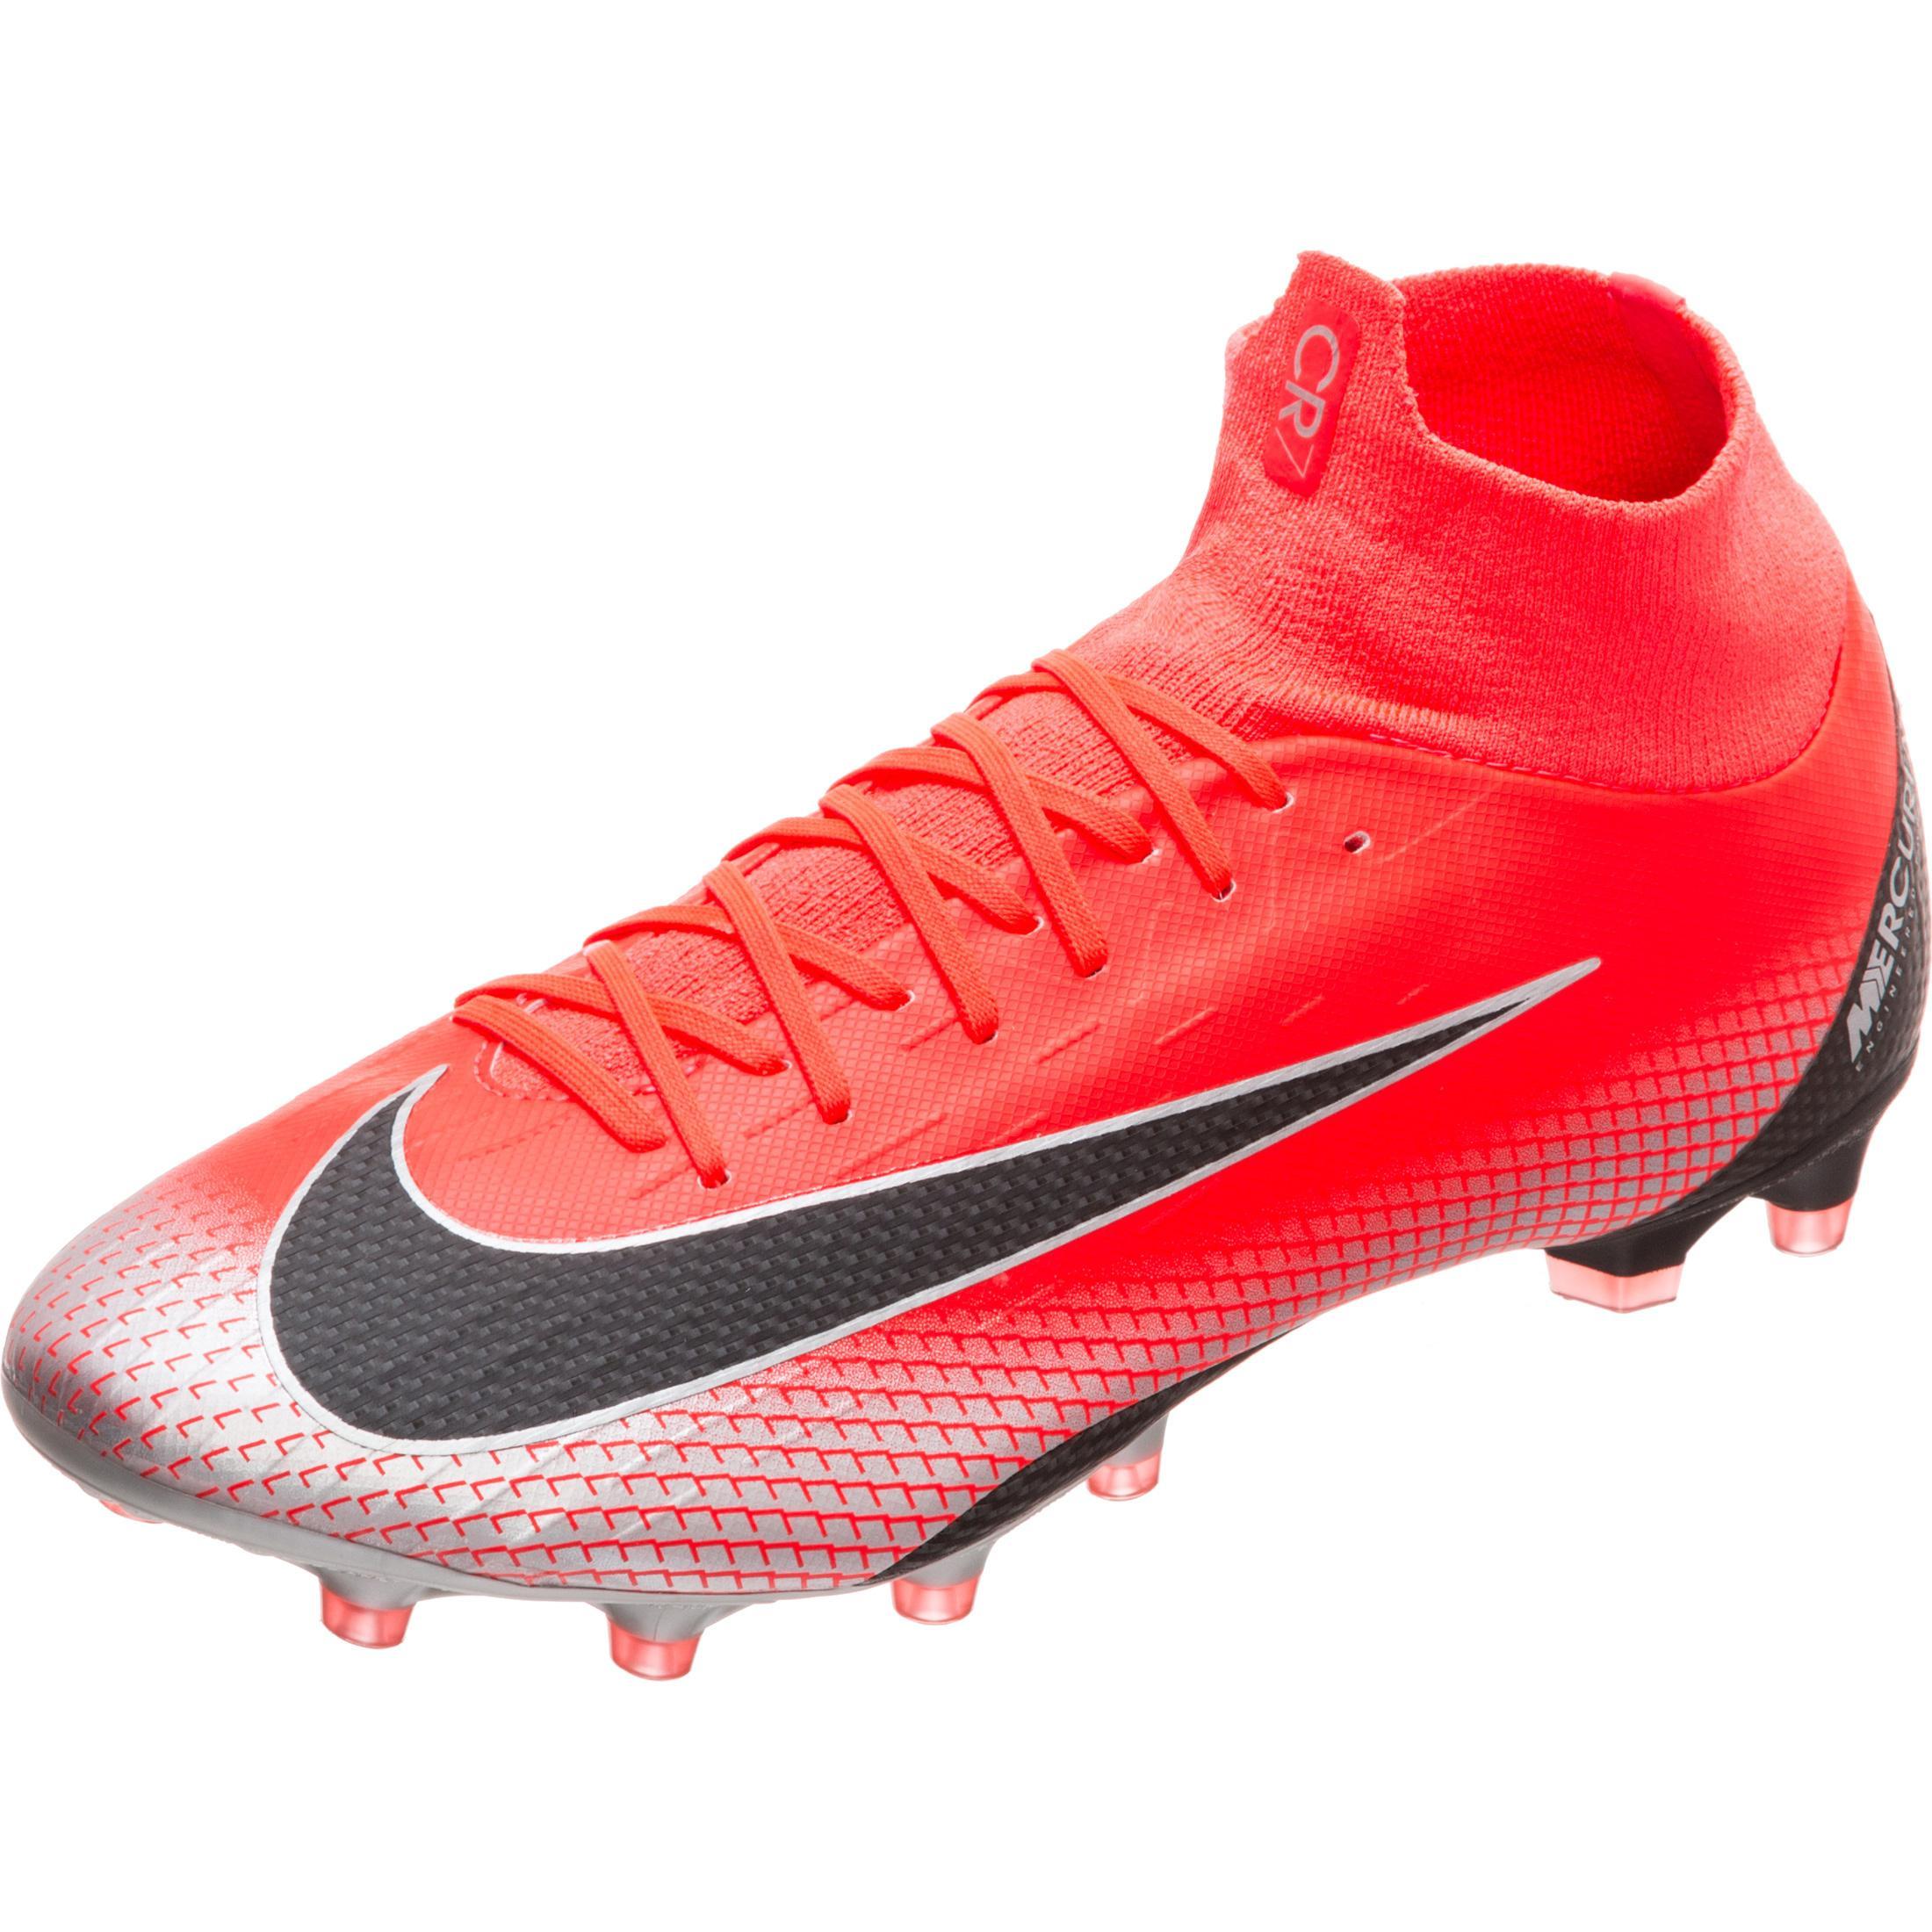 on sale 0b33a cc7d3 Nike Mercurial Superfly VI Pro CR7 Fußballschuhe Herren neonrot / schwarz  im Online Shop von SportScheck kaufen